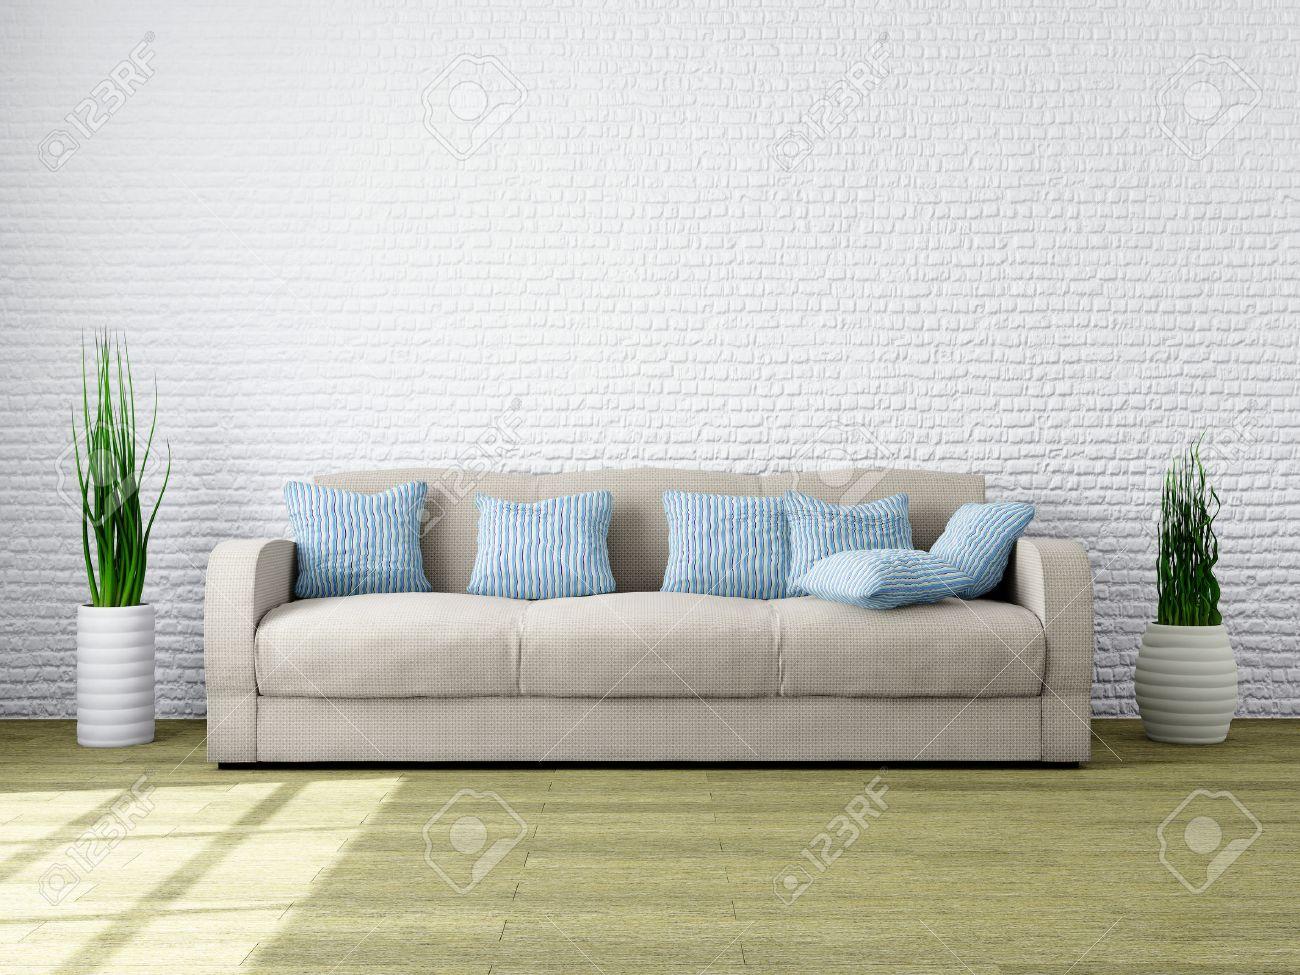 Interior Minimalista Moderno De Una Sala De Estar Con Muebles De ...